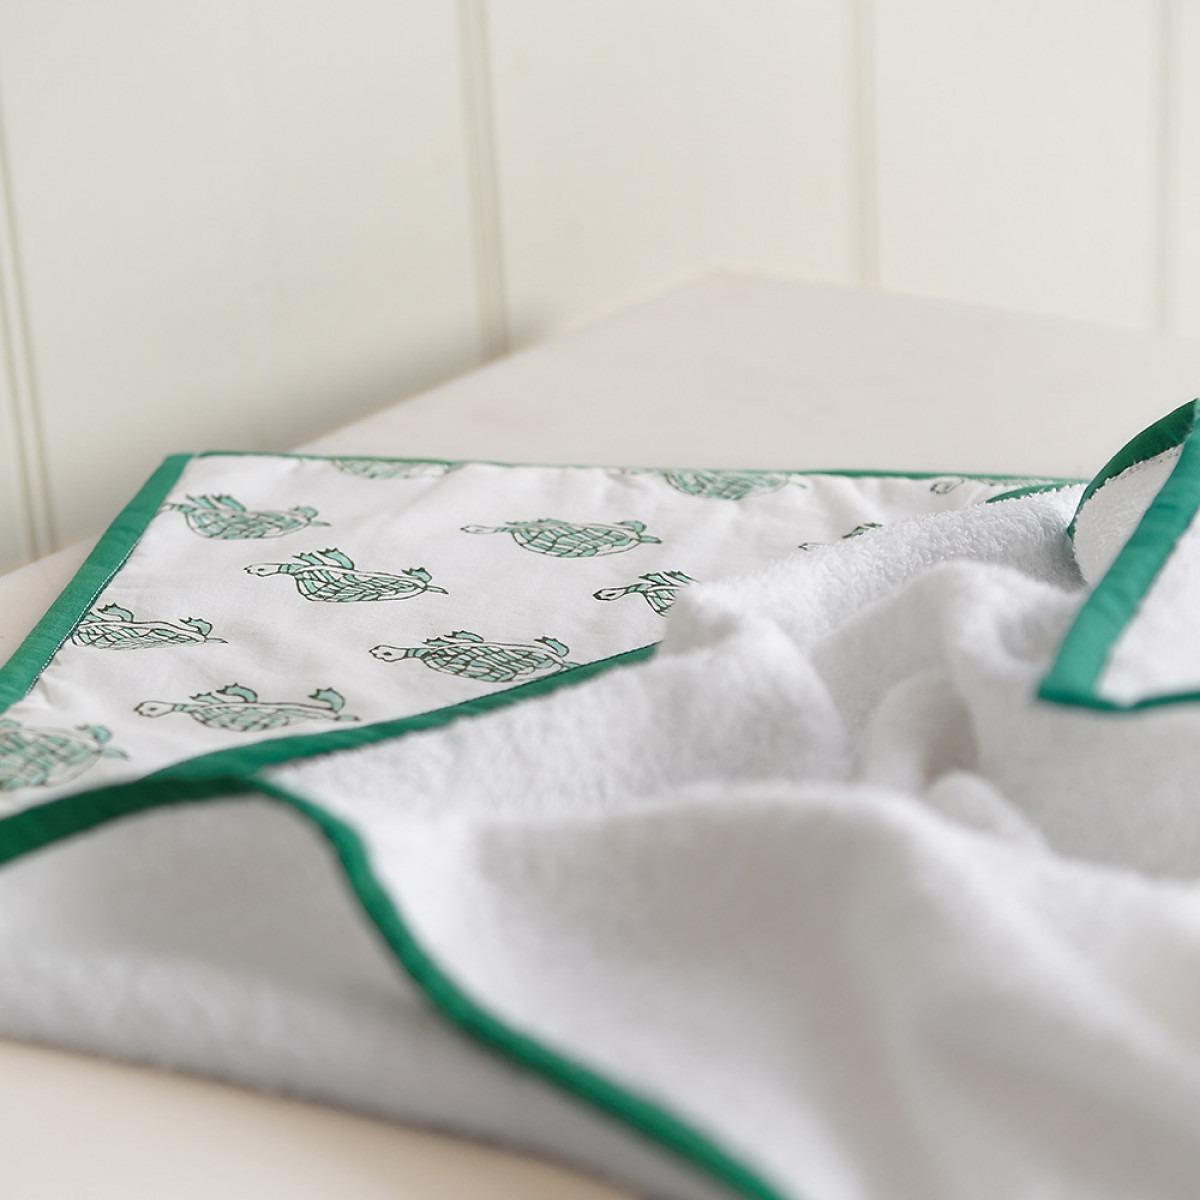 Green turtle hooded towel